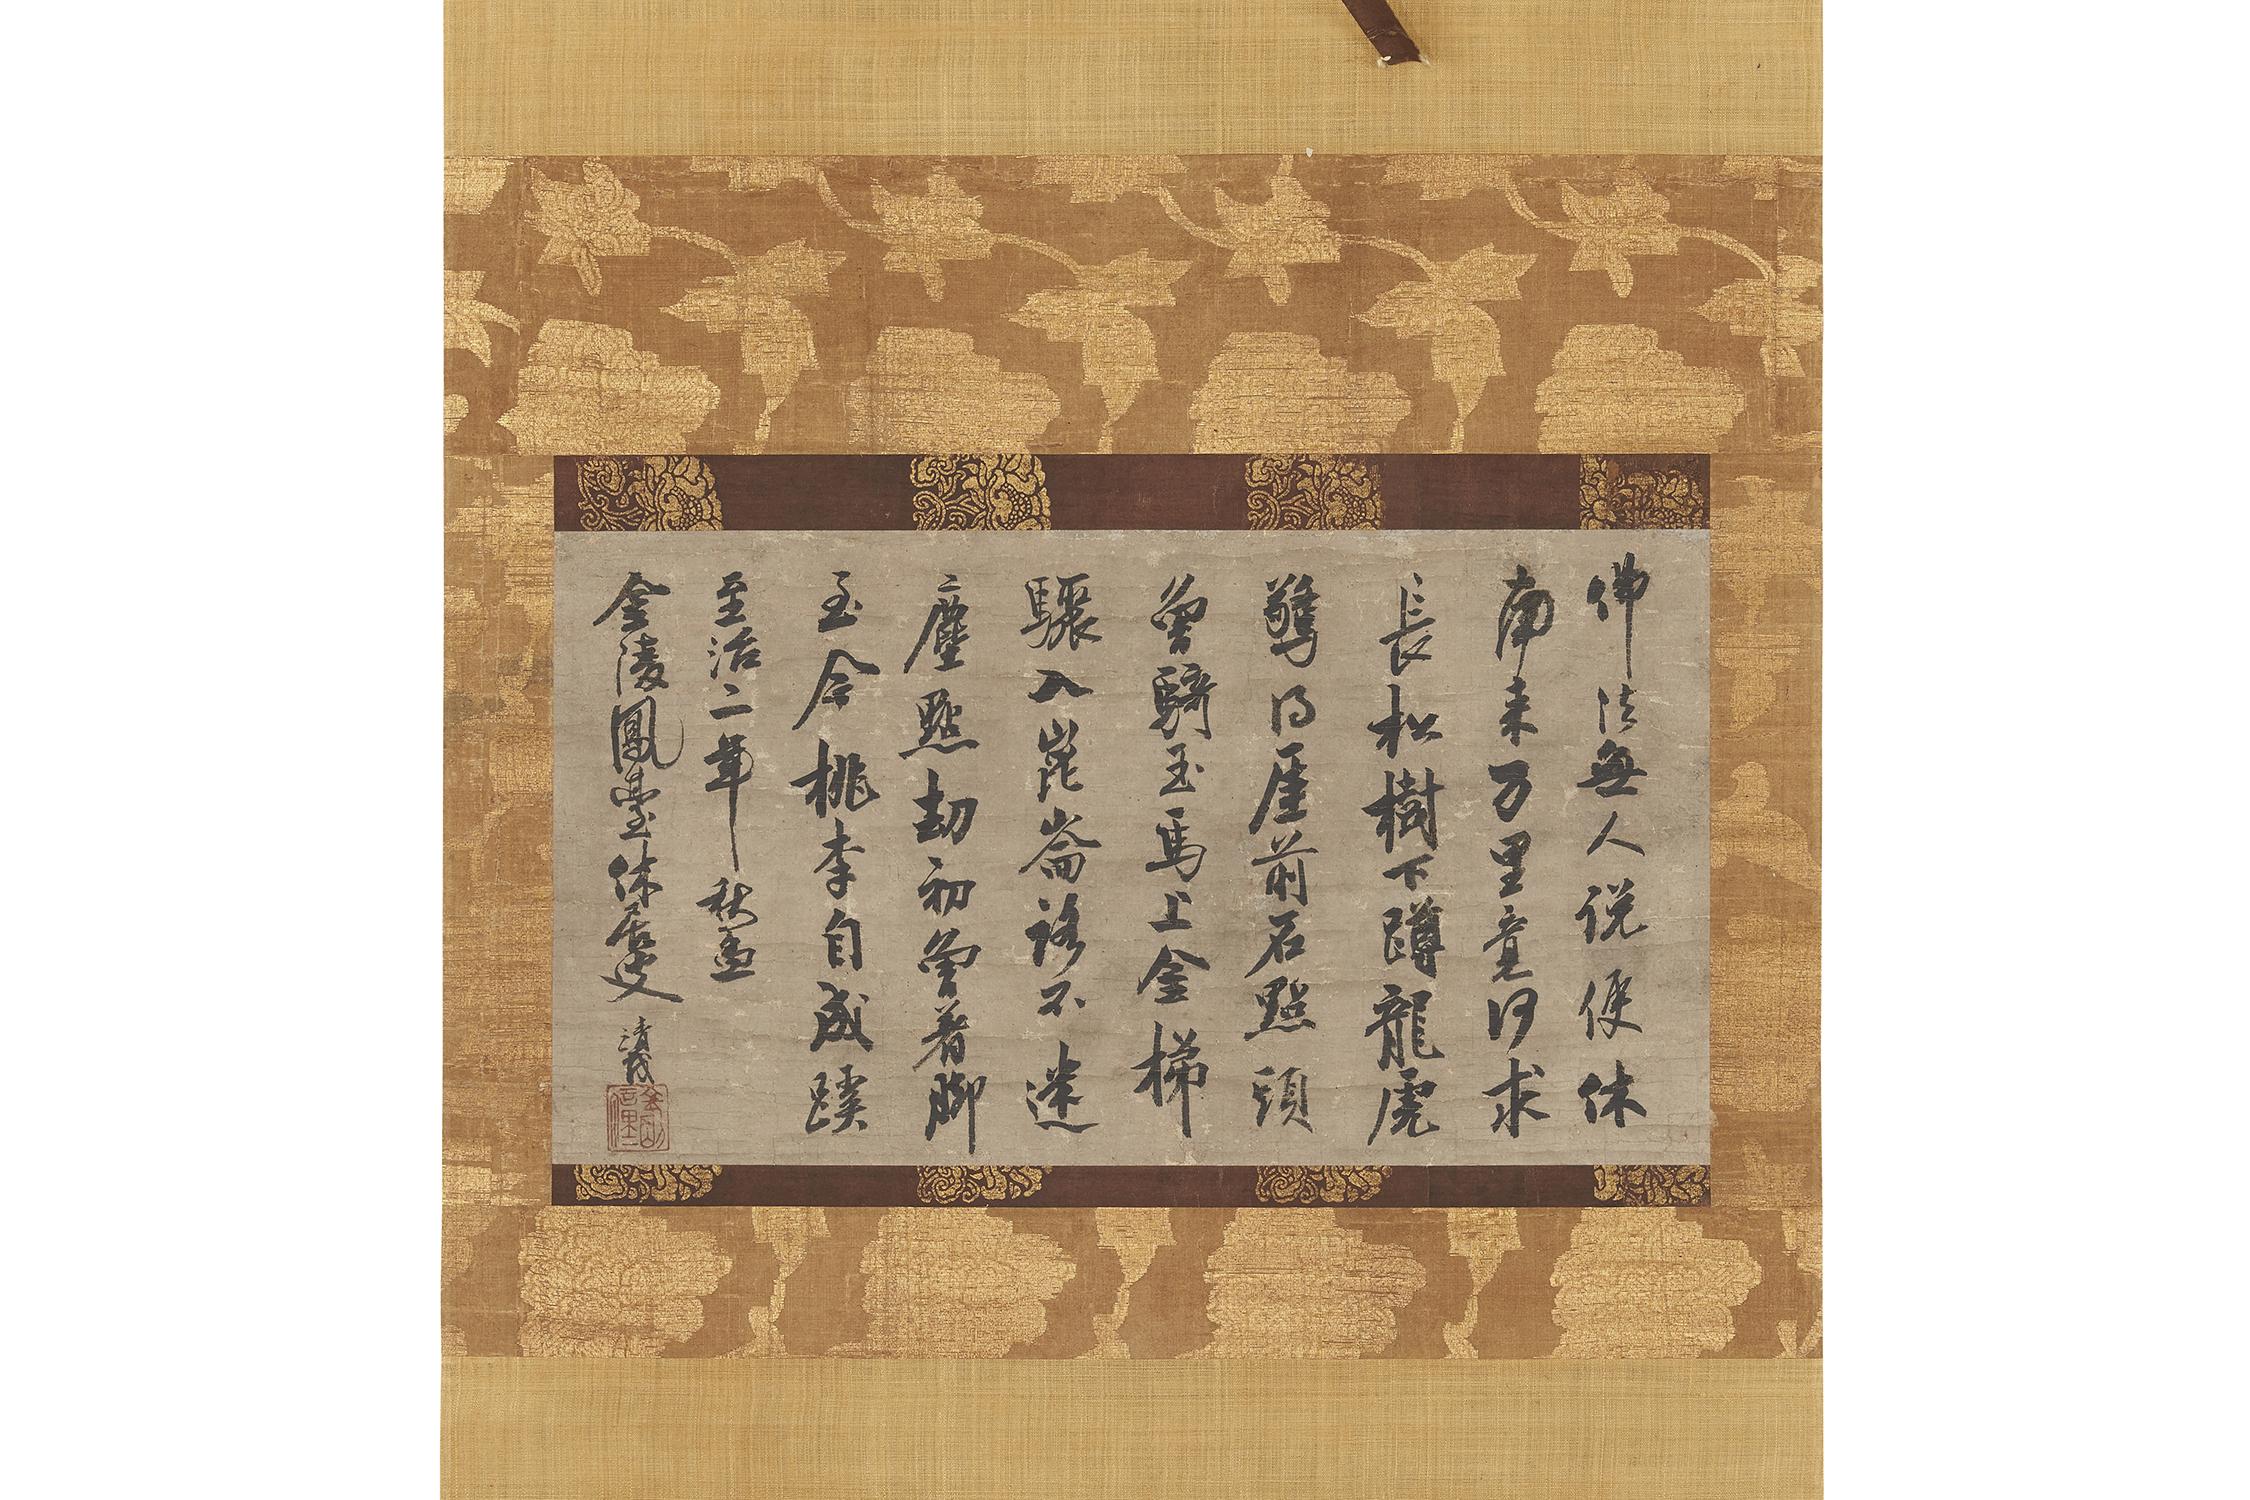 170019元「茂古林」草書 軸27×48.5㎝